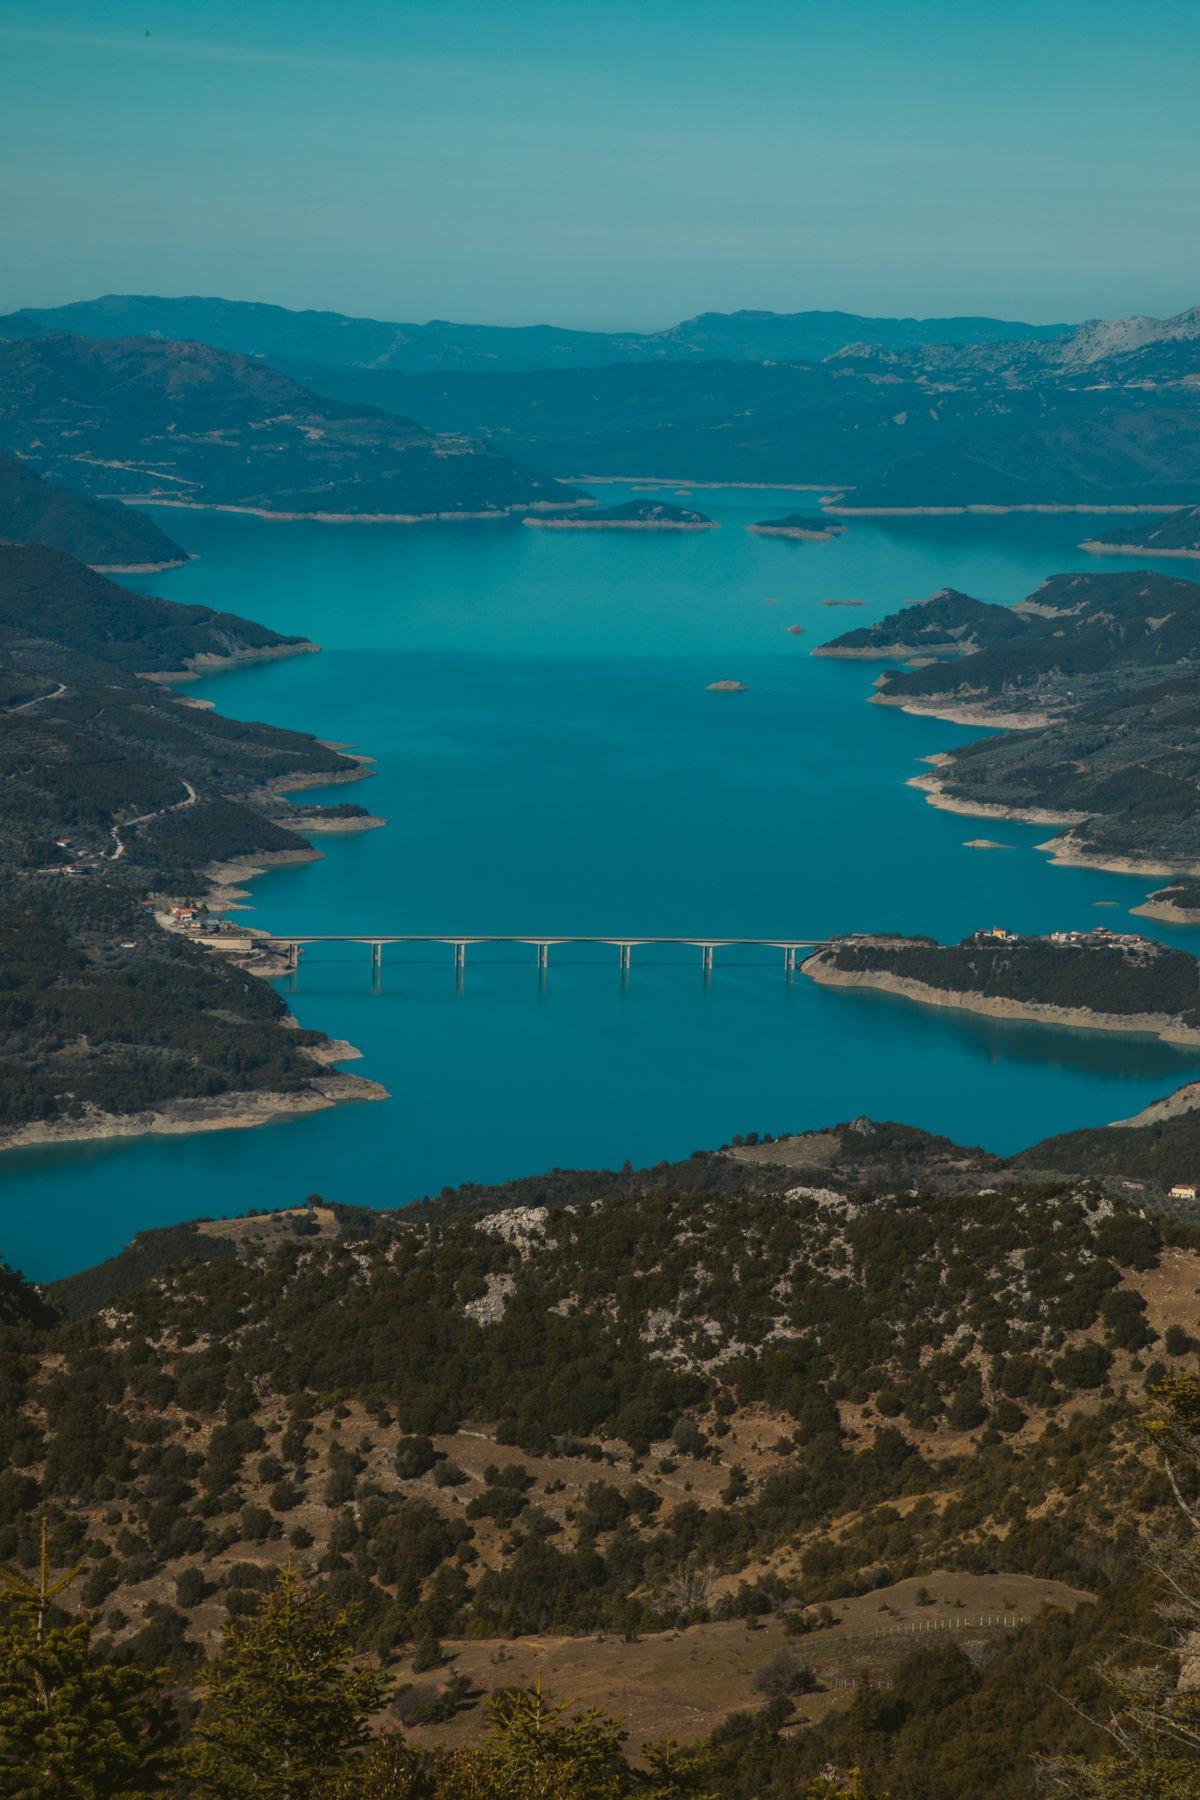 Λίμνη Κρεμαστών απέρνατη ομορφιά από τον Τάσο Δούση και τις Εικόνες